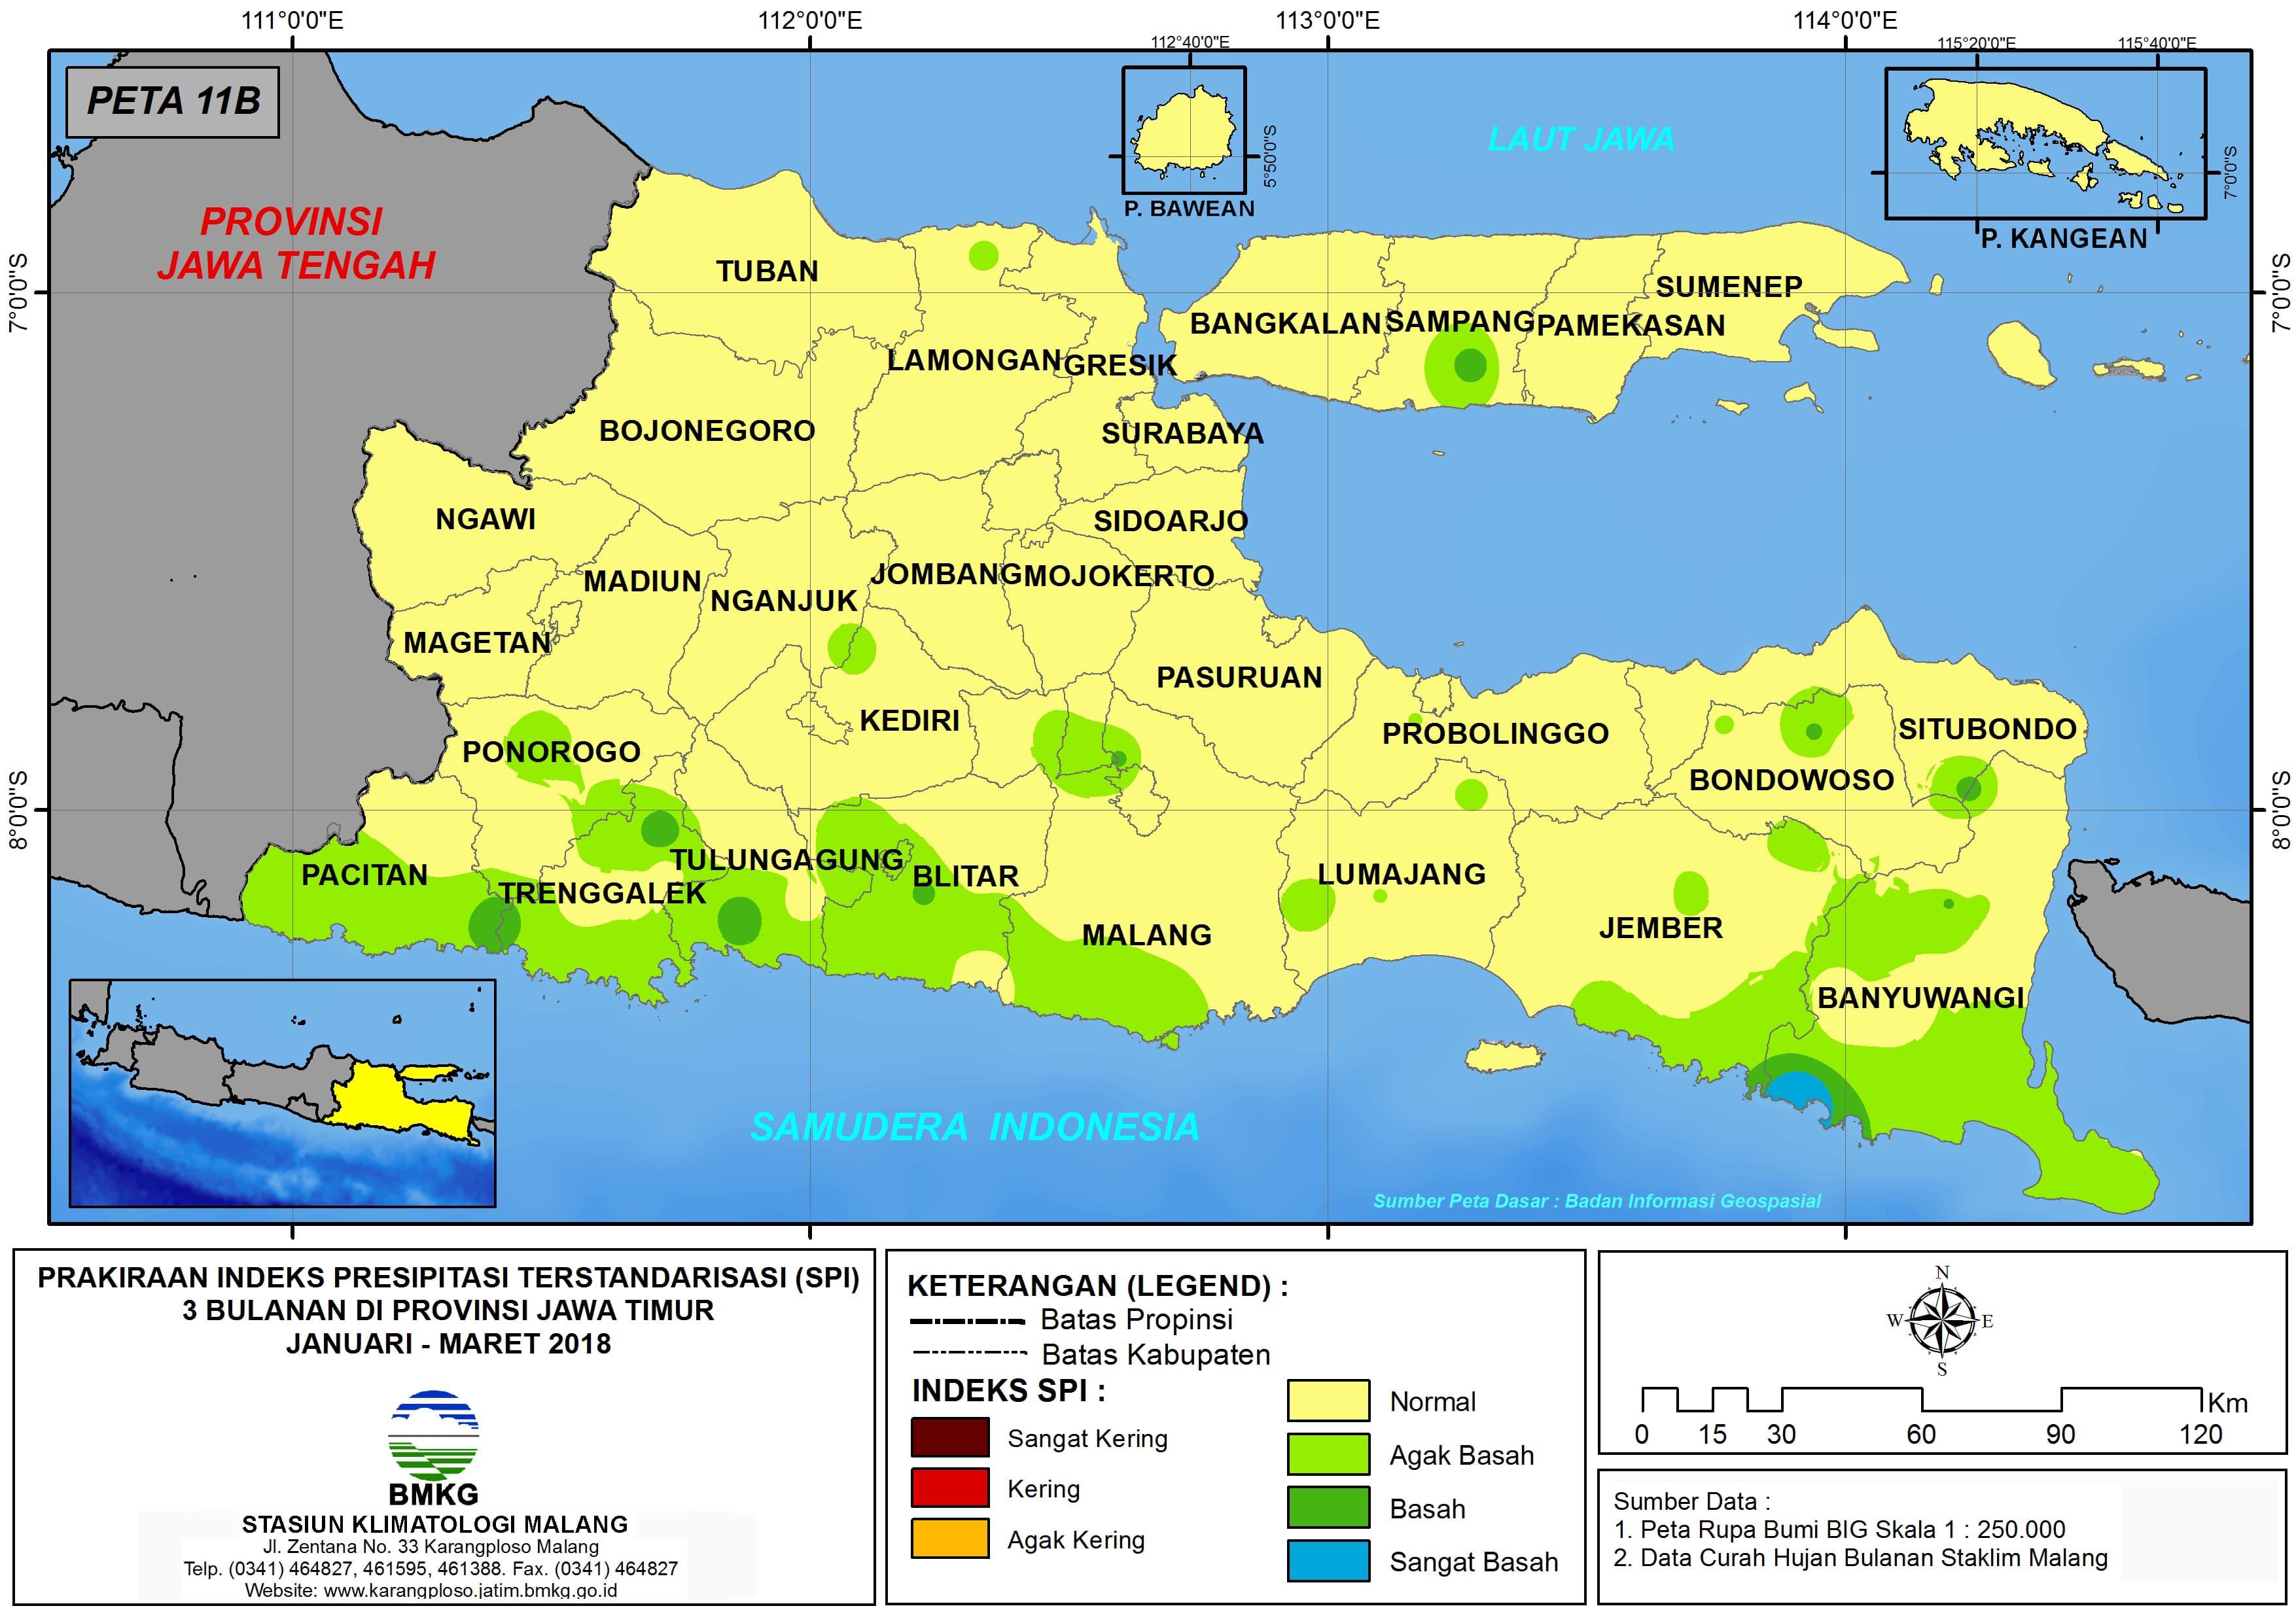 01 Prakiraan Indeks Presipitasi Terstandarisasi SPI 3 Bulanan di Provinsi Jawa Timur Untuk Bulan Januari Februari Maret Tahun 2018 Update dari Analisis Bulan Januari 2018